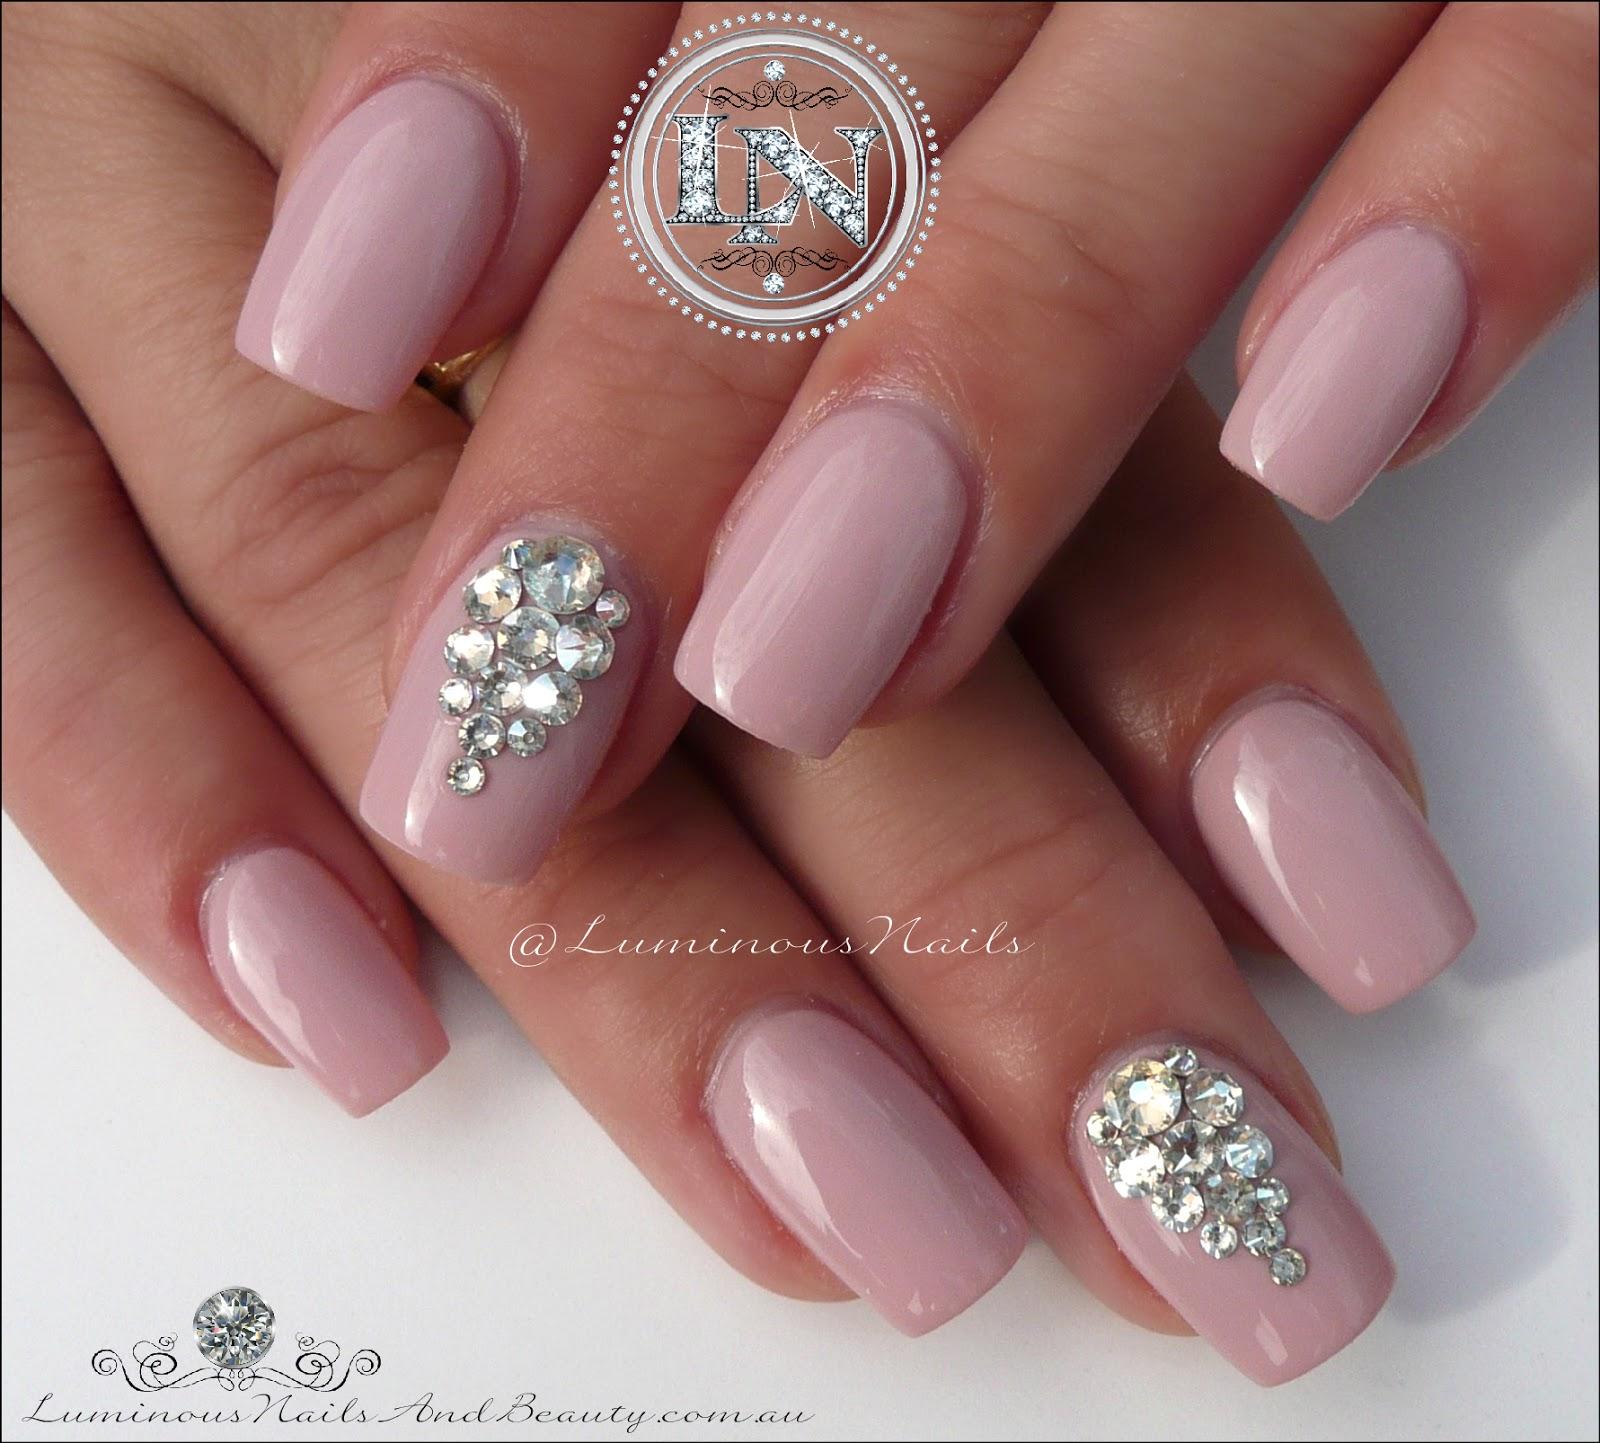 Luminous Nails Bridal Nails With Swarovski Crystals Acrylic Gel